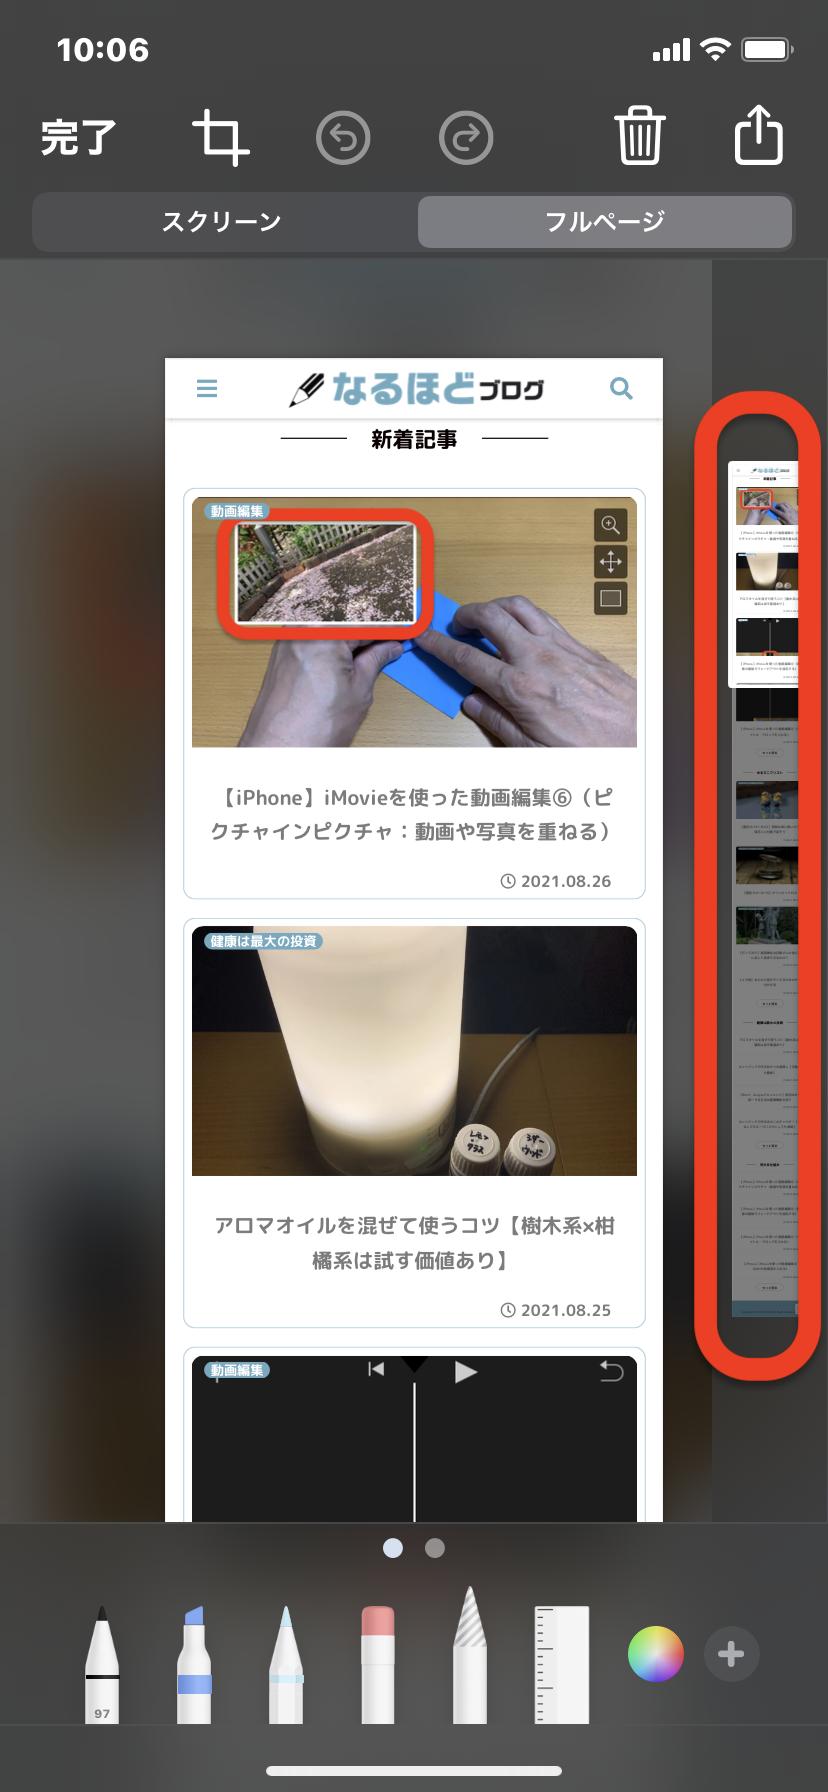 スマホの画面全体のスクリーンショット